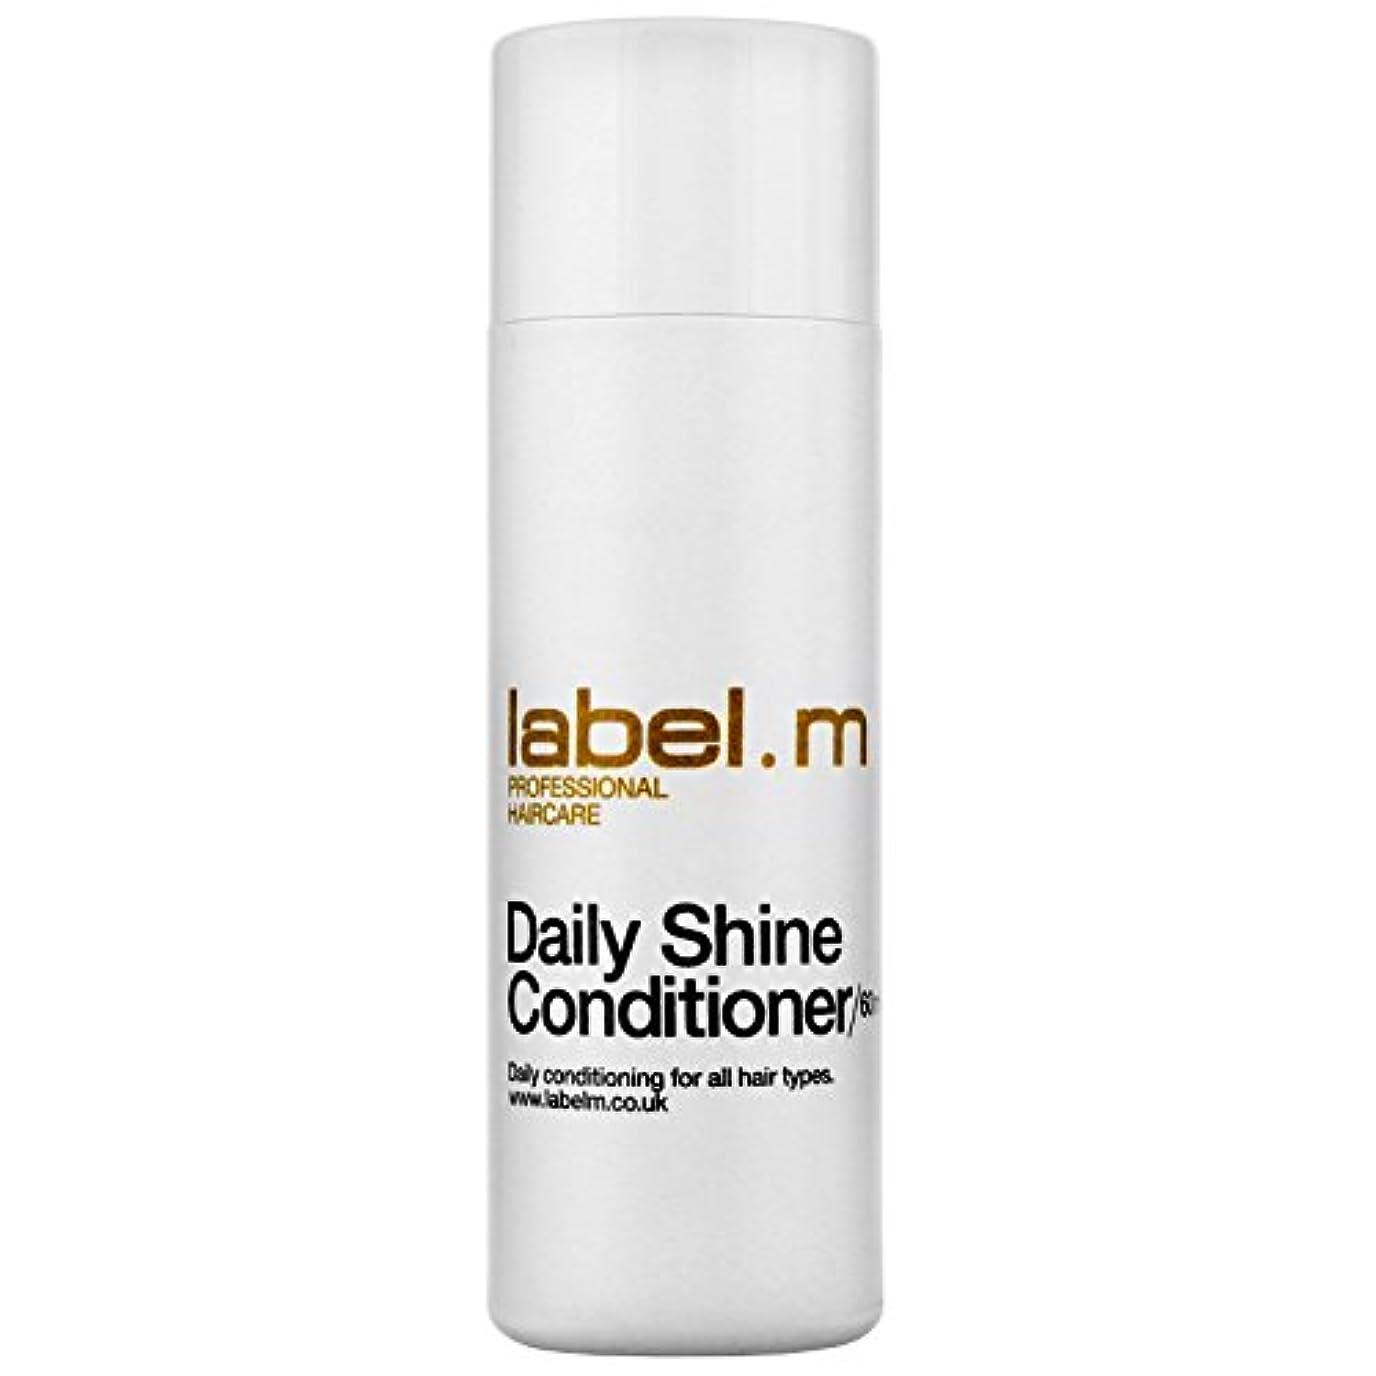 またみなす最初にLabel.M Professional Haircare ラベルMデイリーシャインコンディショナー60ミリリットルによって条件